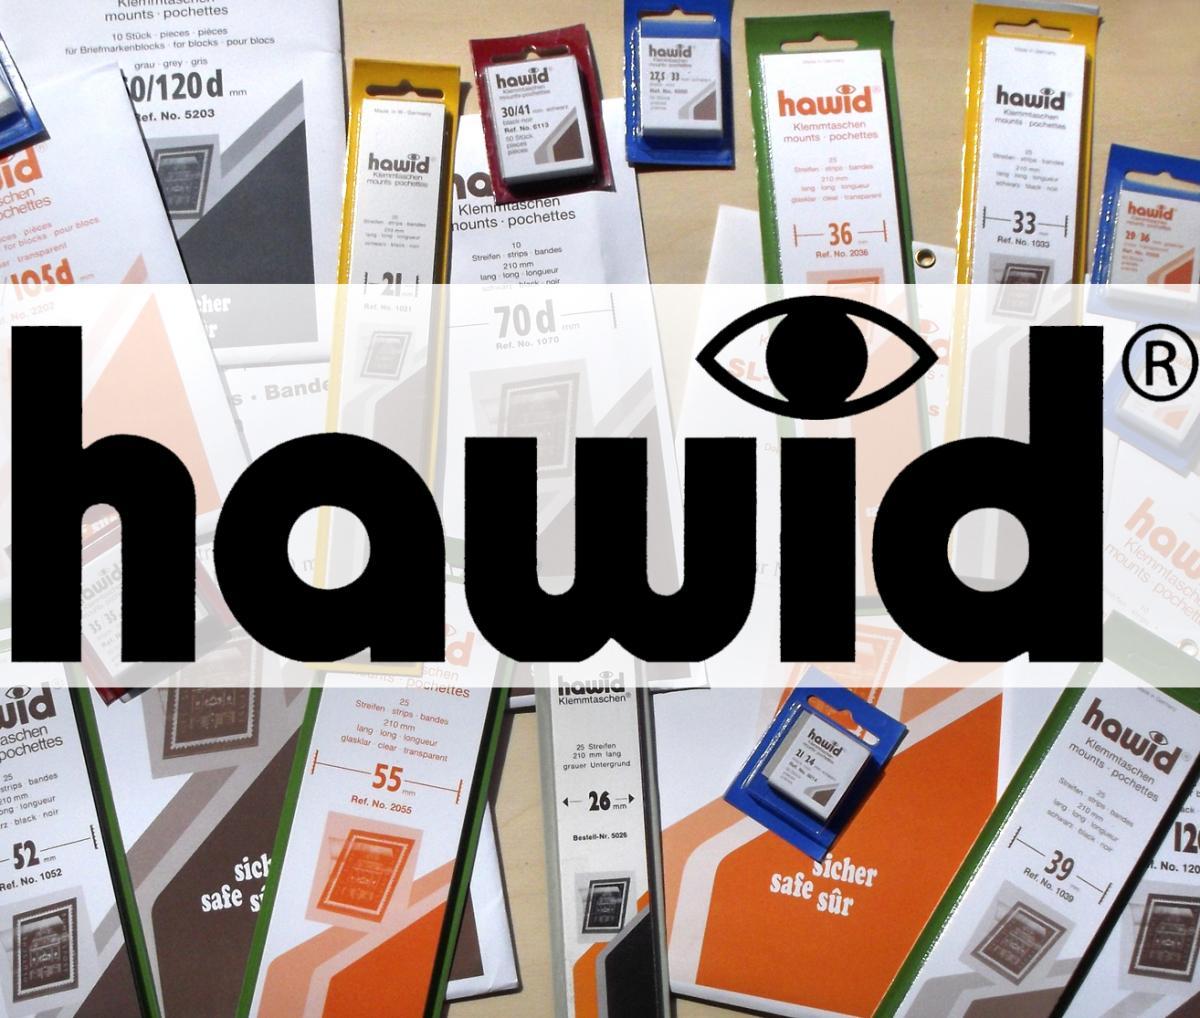 HAWID SL-Streifen 265x135 mm, glasklar, 7 Stück, d* 0